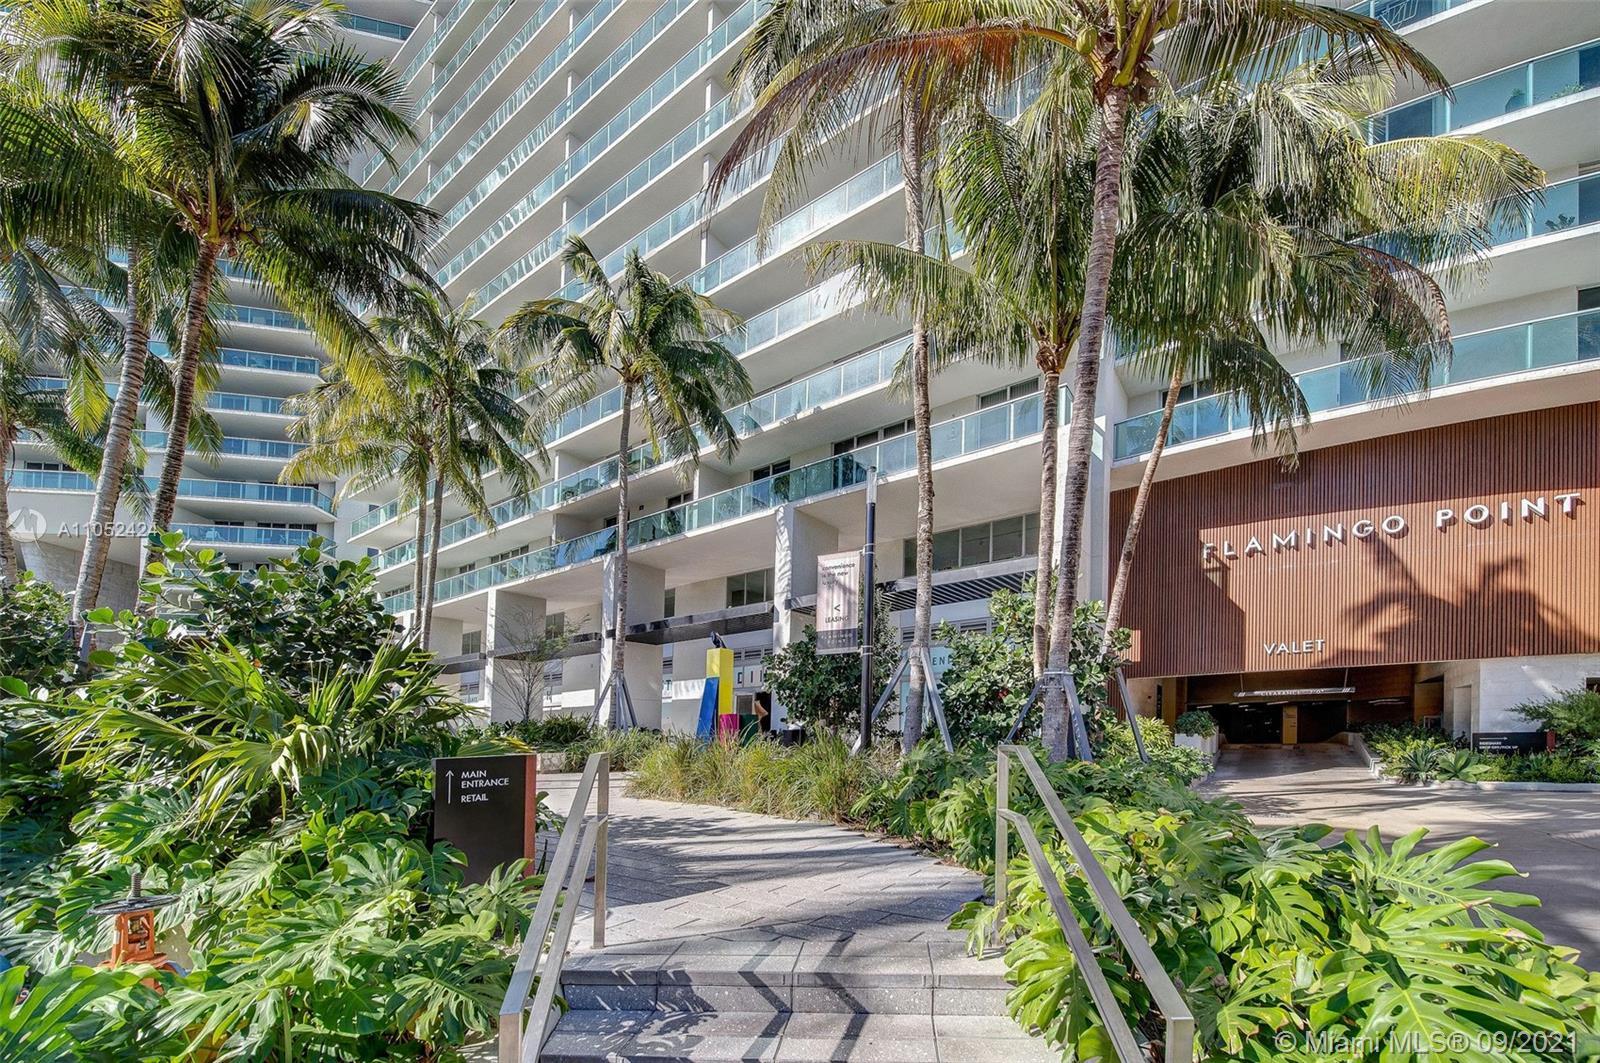 Flamingo South Beach #N-203 - 13 - photo